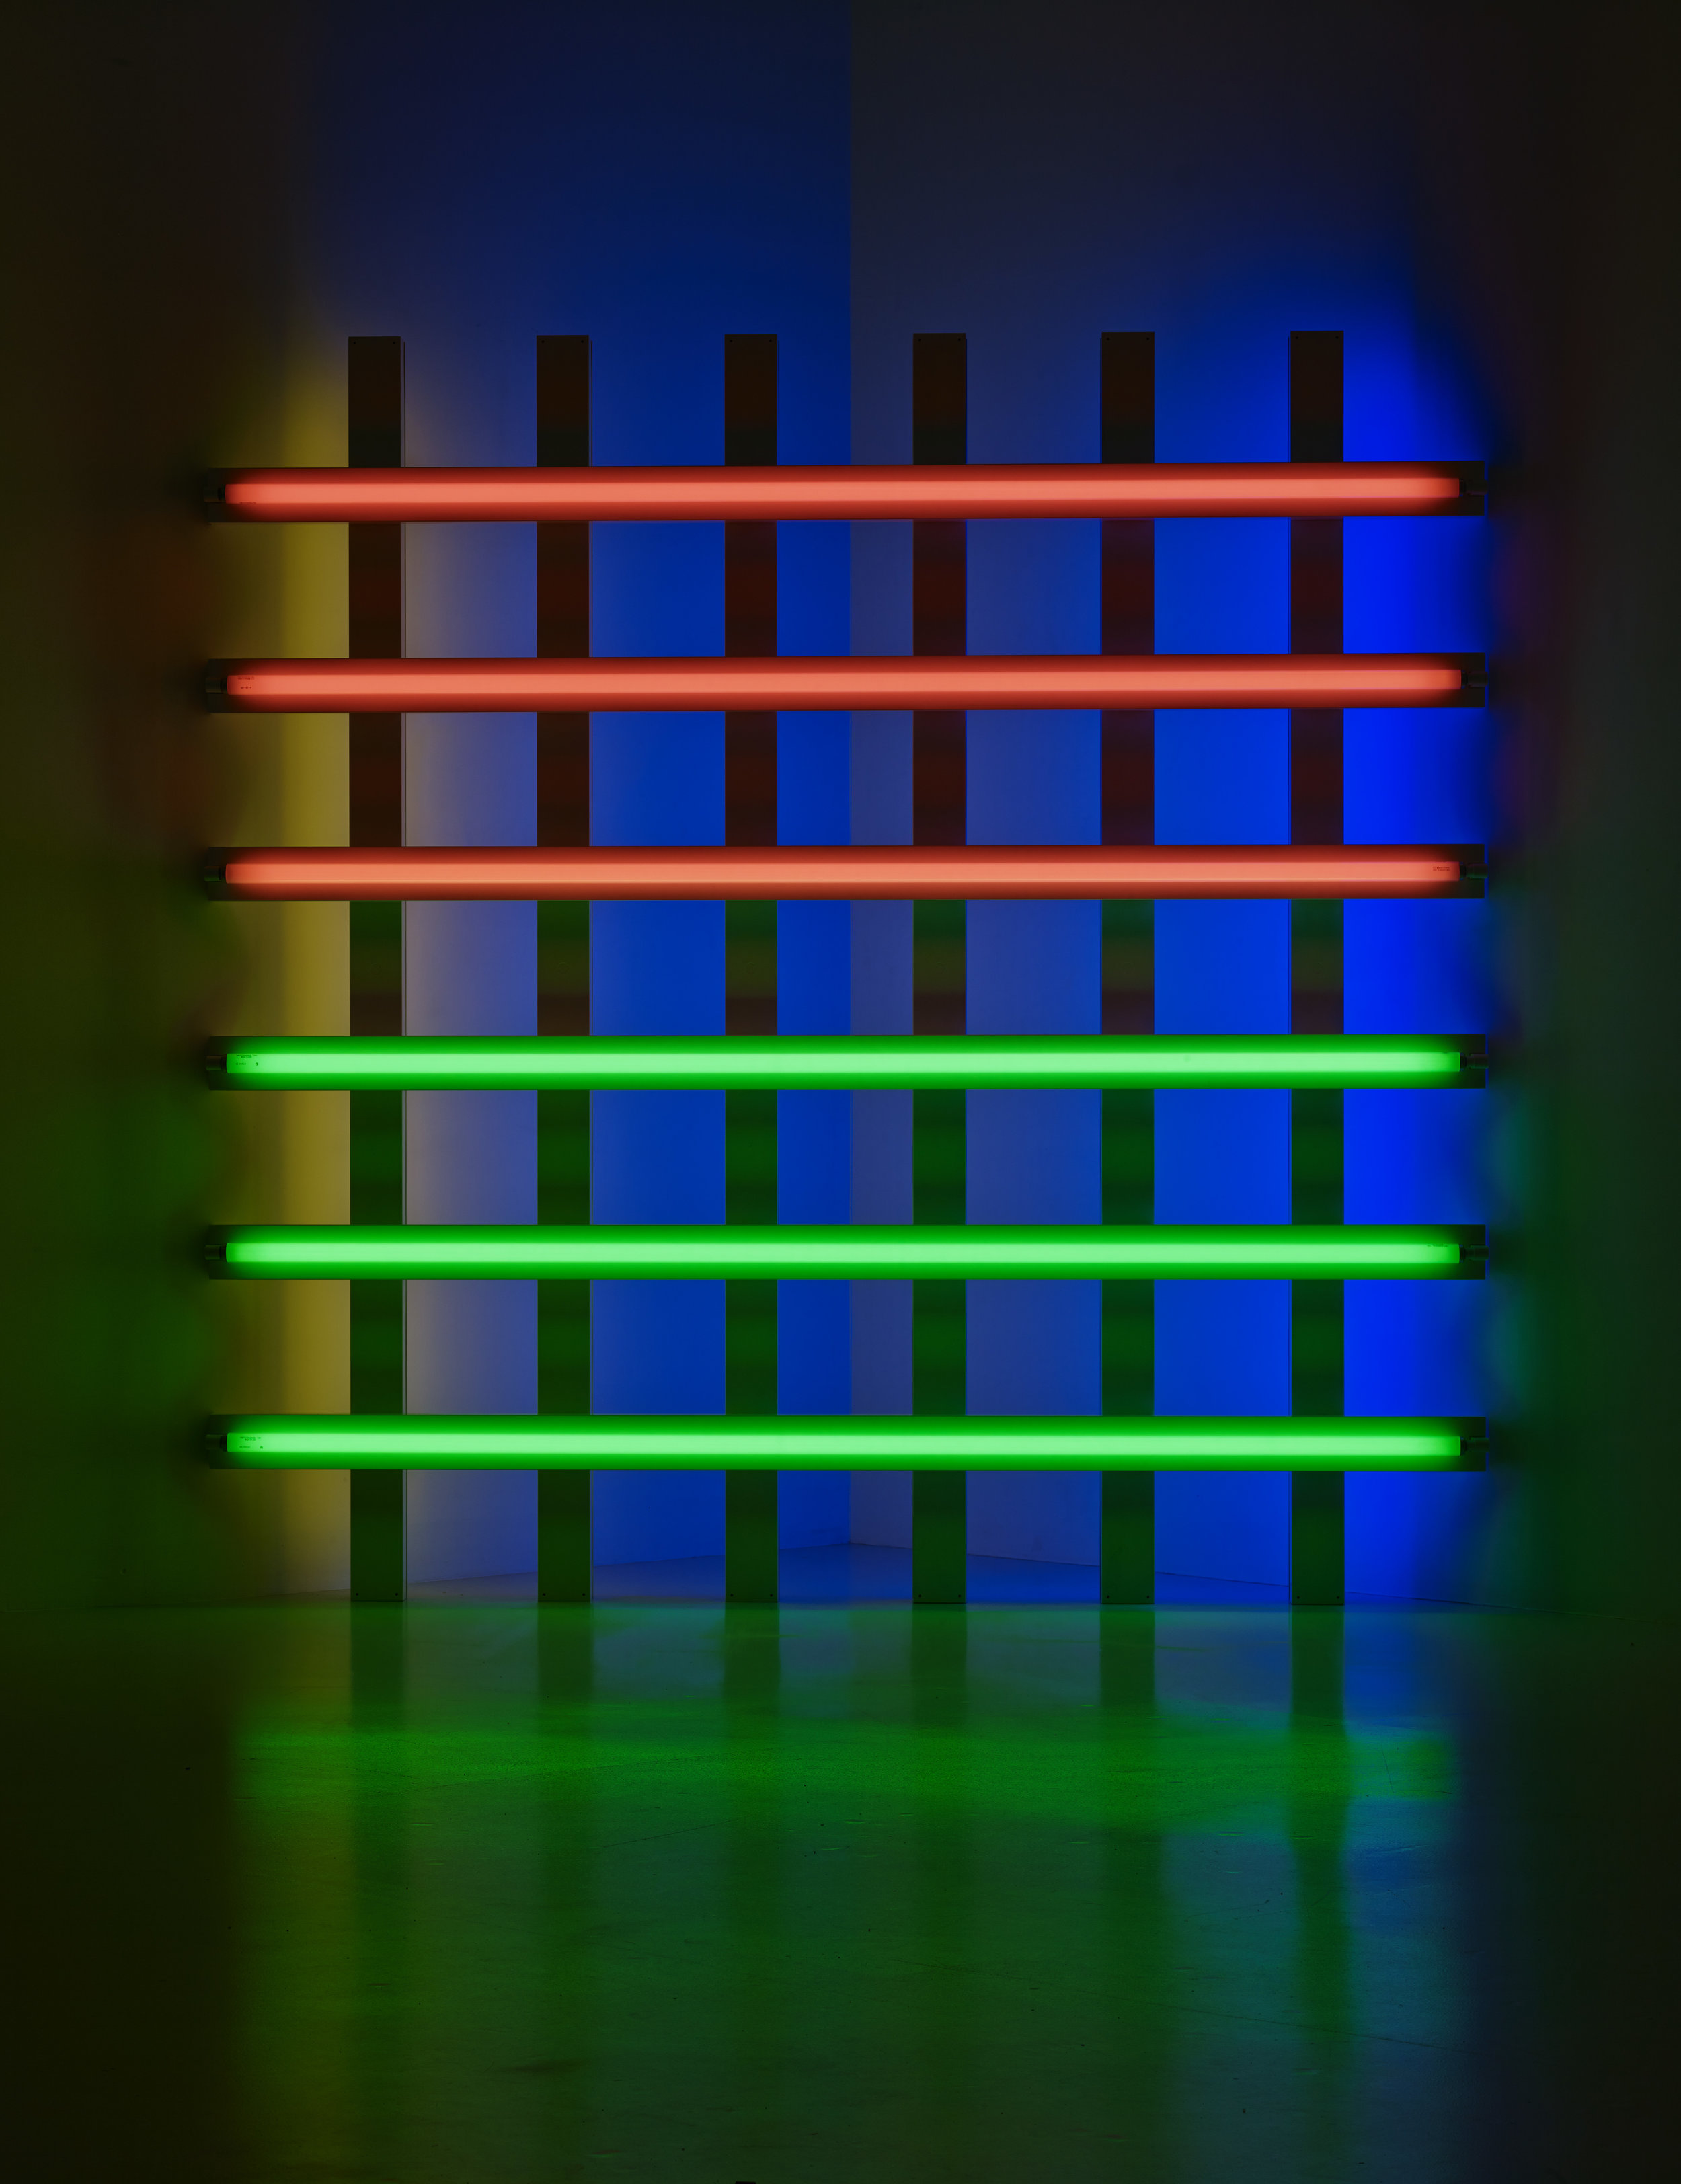 Dan Flavin  Untitled (for you, Leo, in long respect and affection) 1   , 1977  Pink, green, yellow and blue fluorescent light 244.5 x 244.5 x 18.5 cm Collection Fondation Louis Vuitton, Paris. © Adagp, Paris, 2019 Picture: © Louis Vuitton / Jérémie Souteyrat